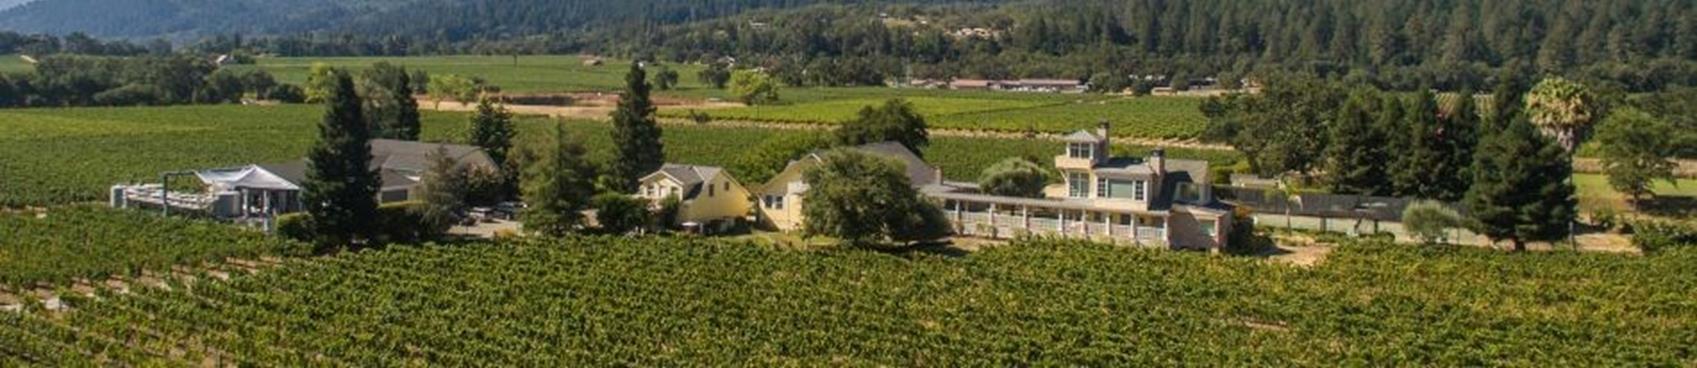 Benessere Vineyards